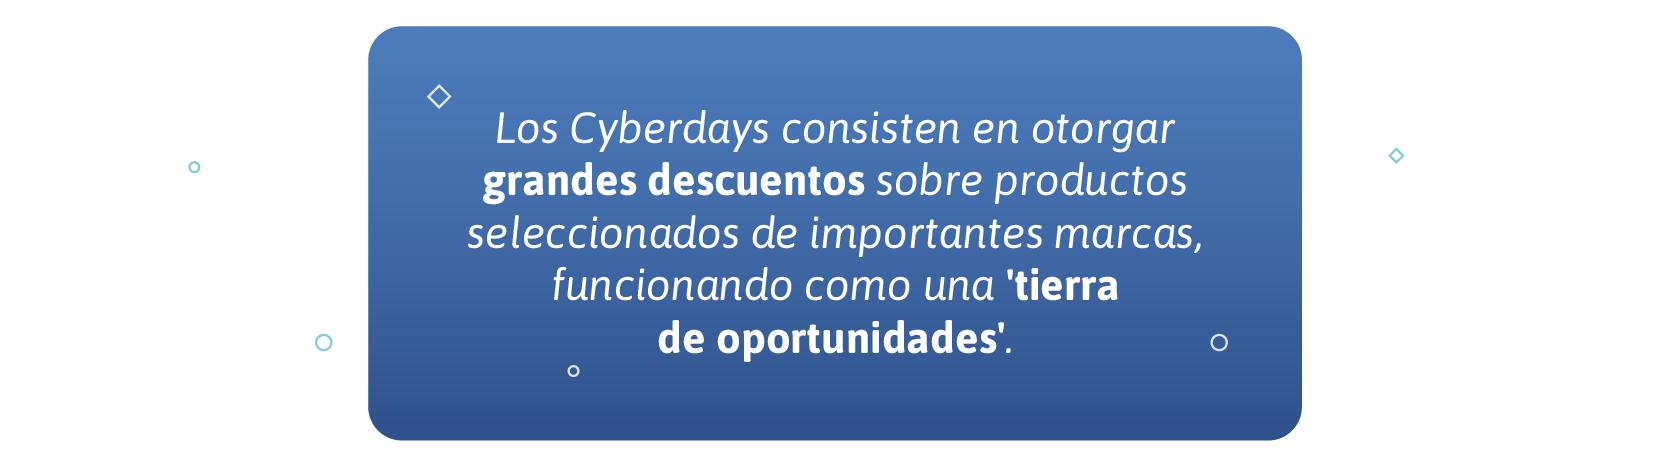 emblue-cyberdays-oportunidades